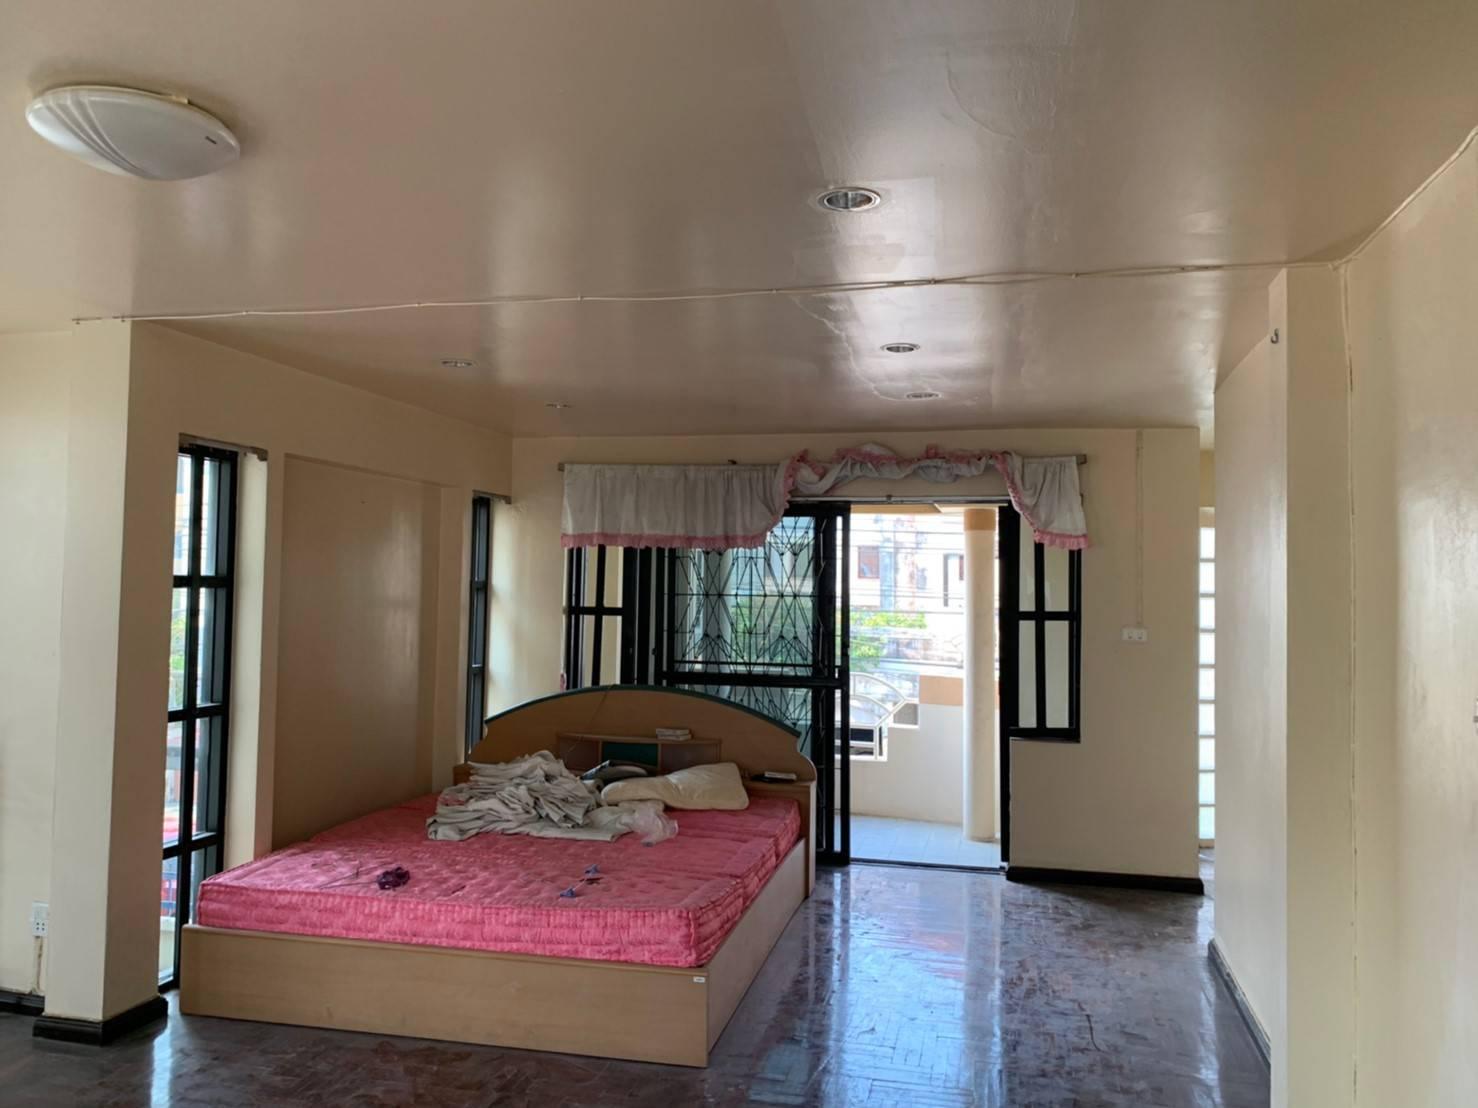 ทาวเฮ้าส์ โฮมอเวนิว อุดมสุข ซอยประวิทย์และเพื่อน16   ซอย อุดมสุข 51  บางจาก พระโขนง 3 ห้องนอน พร้อมอยู่ ราคาถูก